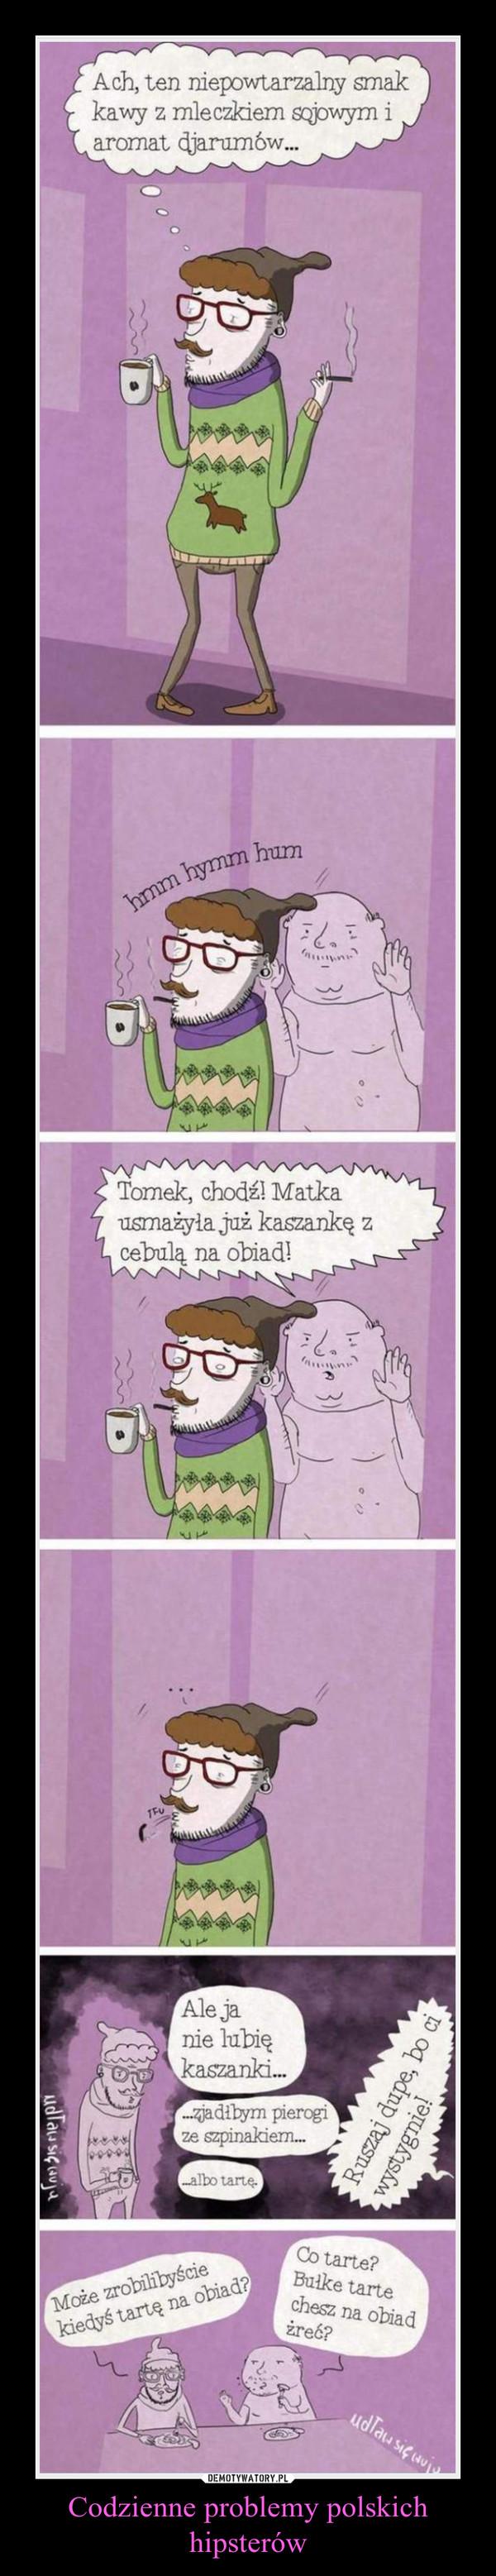 Codzienne problemy polskich hipsterów –